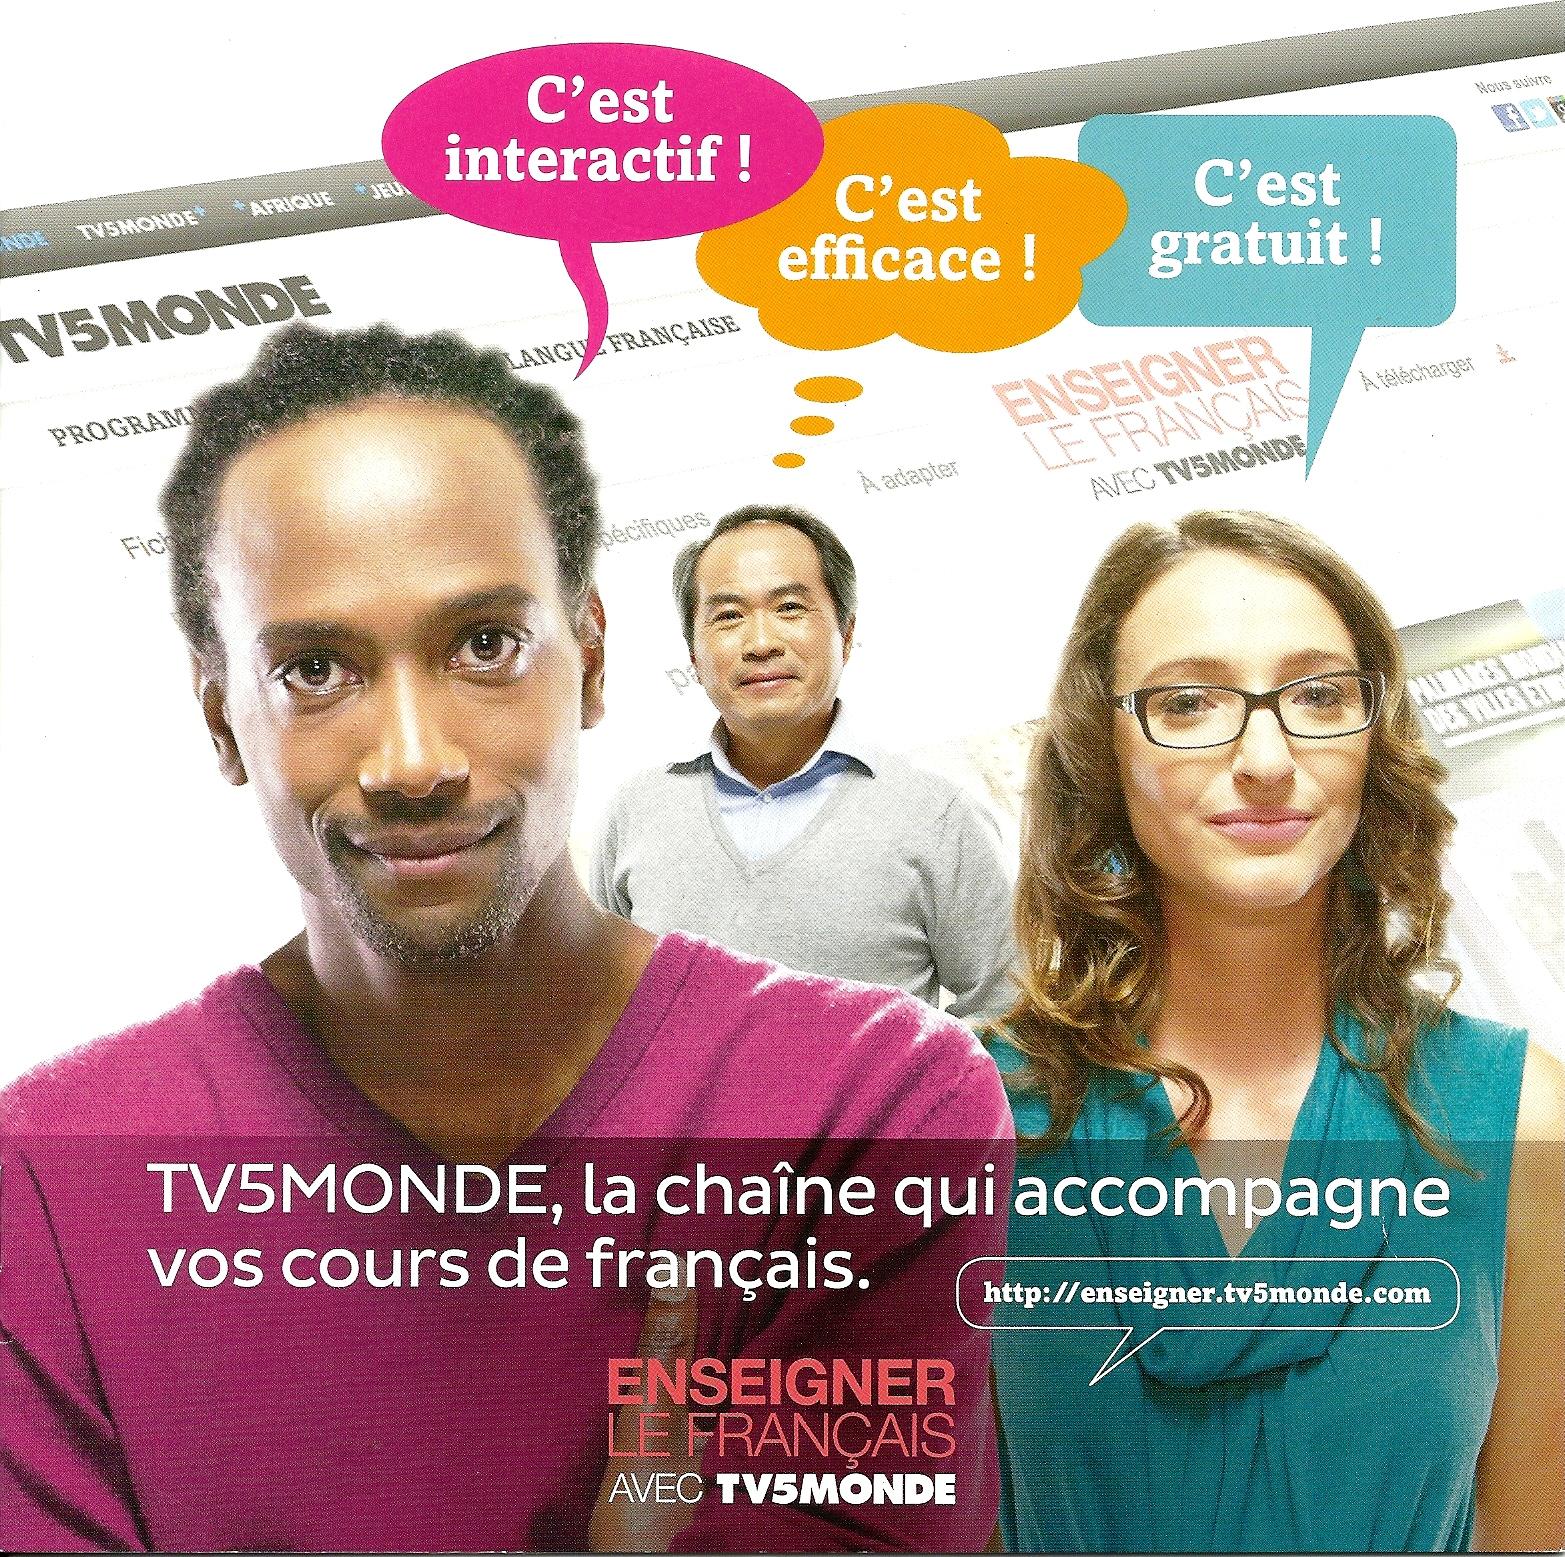 Um novo método para você aprender francês.